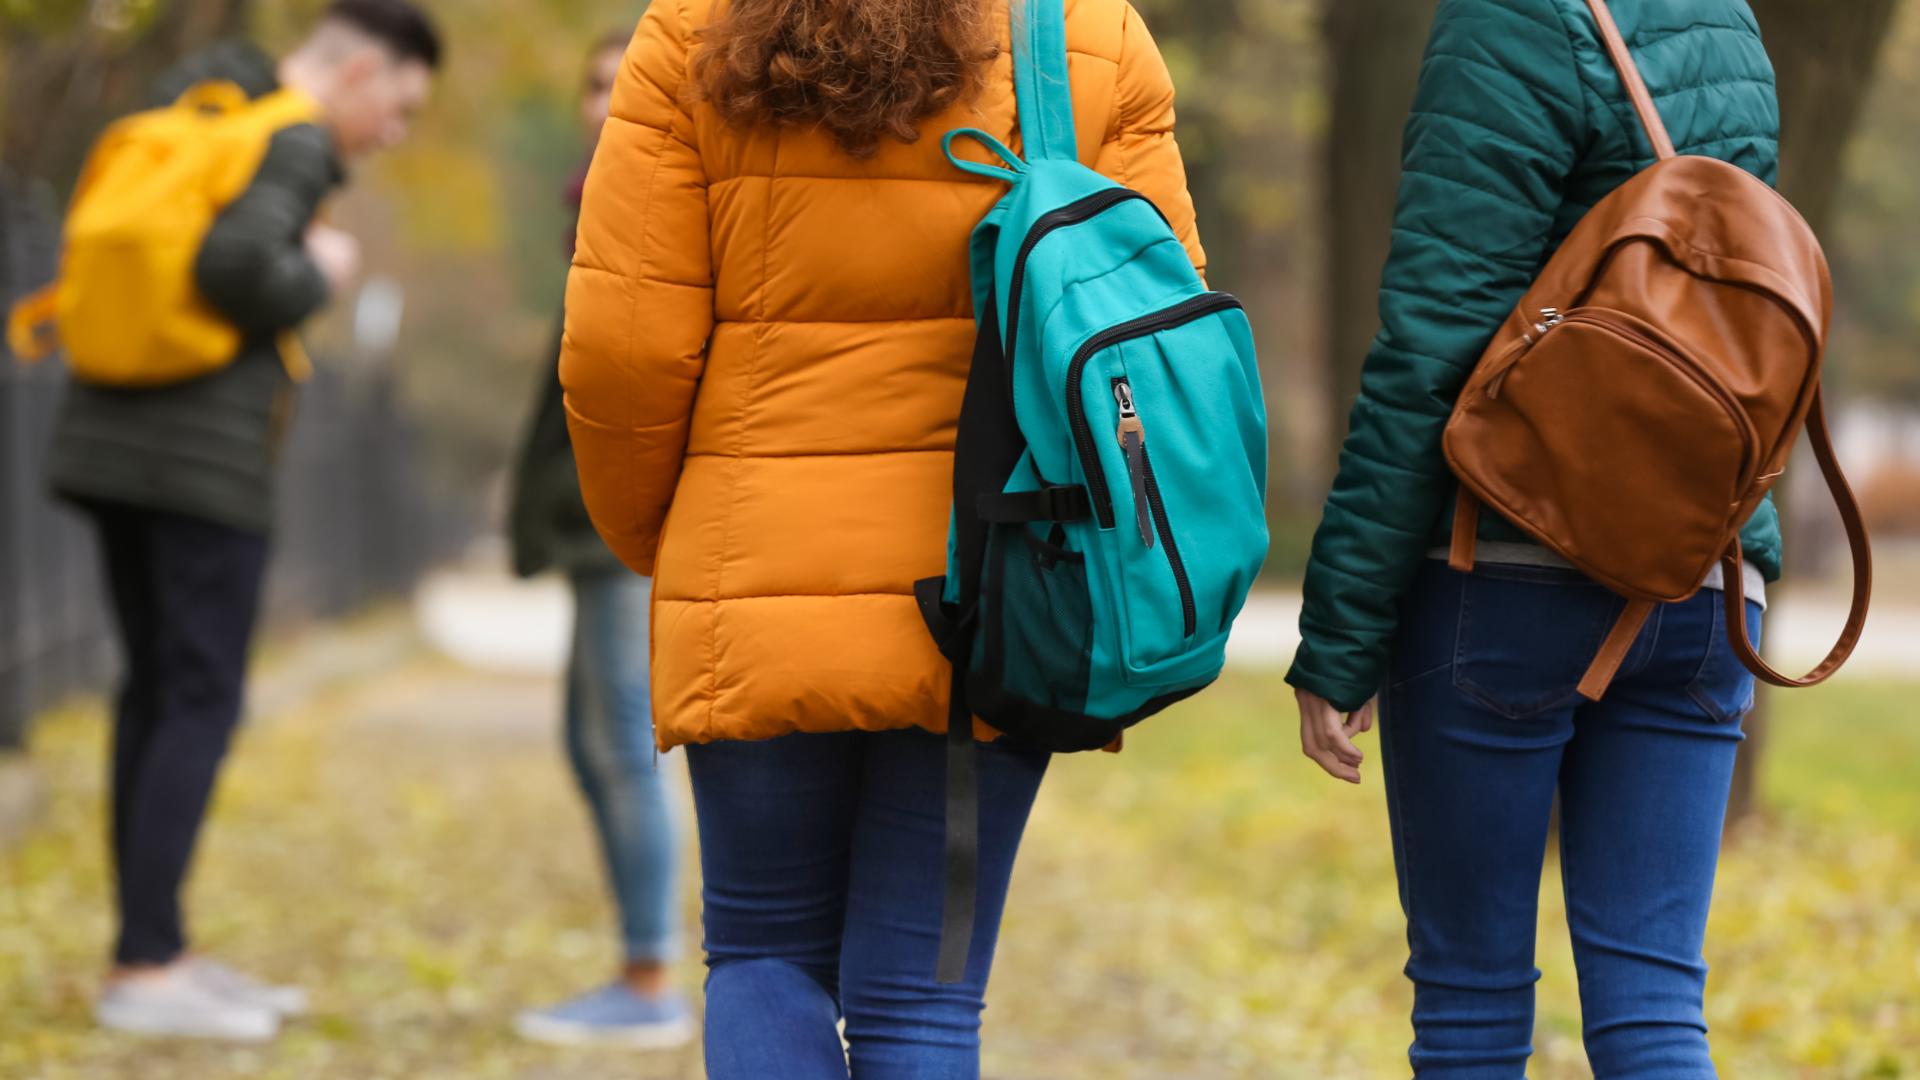 Identificar la enfermedad mental en niños y adolescentes